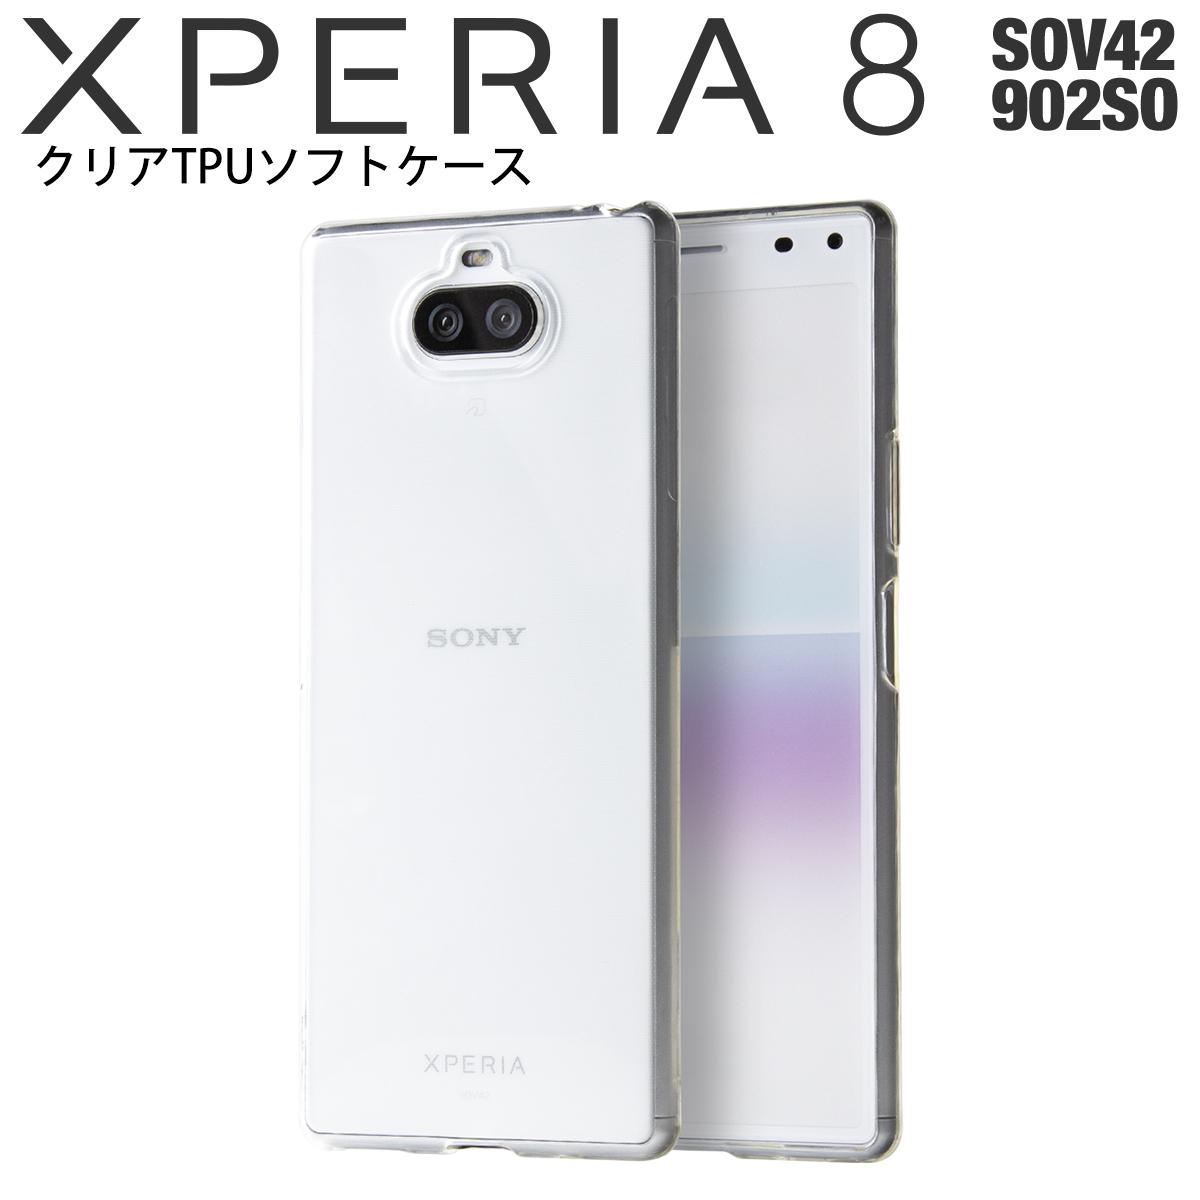 Xperia 8 SOV42 902SO TPU クリアケース